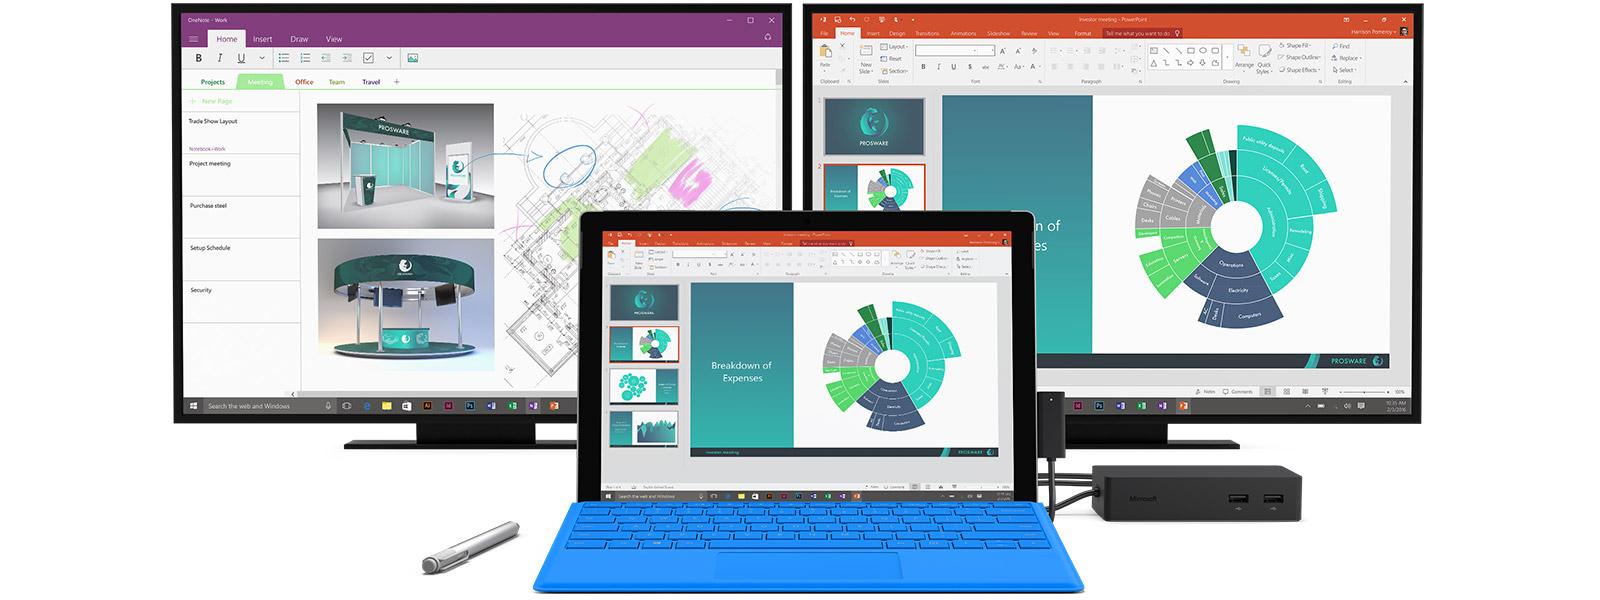 Deux moniteurs de bureau génériques, Surface Pro 4, Stylet Surface et Station d'accueil Surface